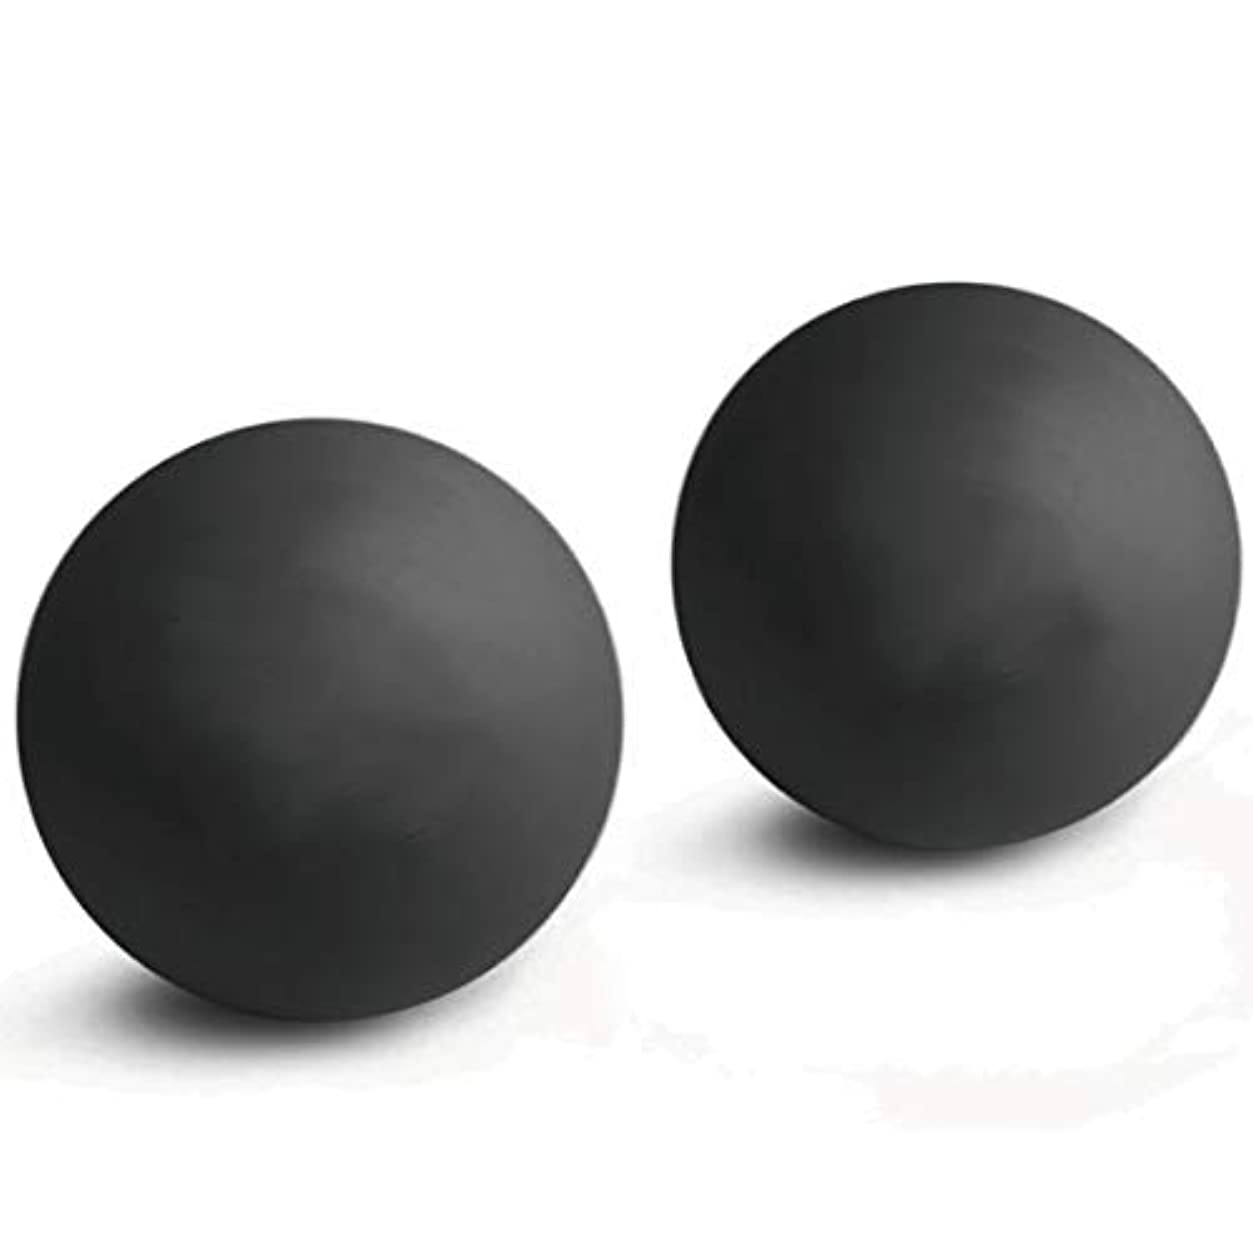 成功する調べる注ぎます2個入マッサージボール 触覚ボール ストレッチボールトリガーポイント 肩 背中 腰 足裏 全身 ツボ押しグッズ